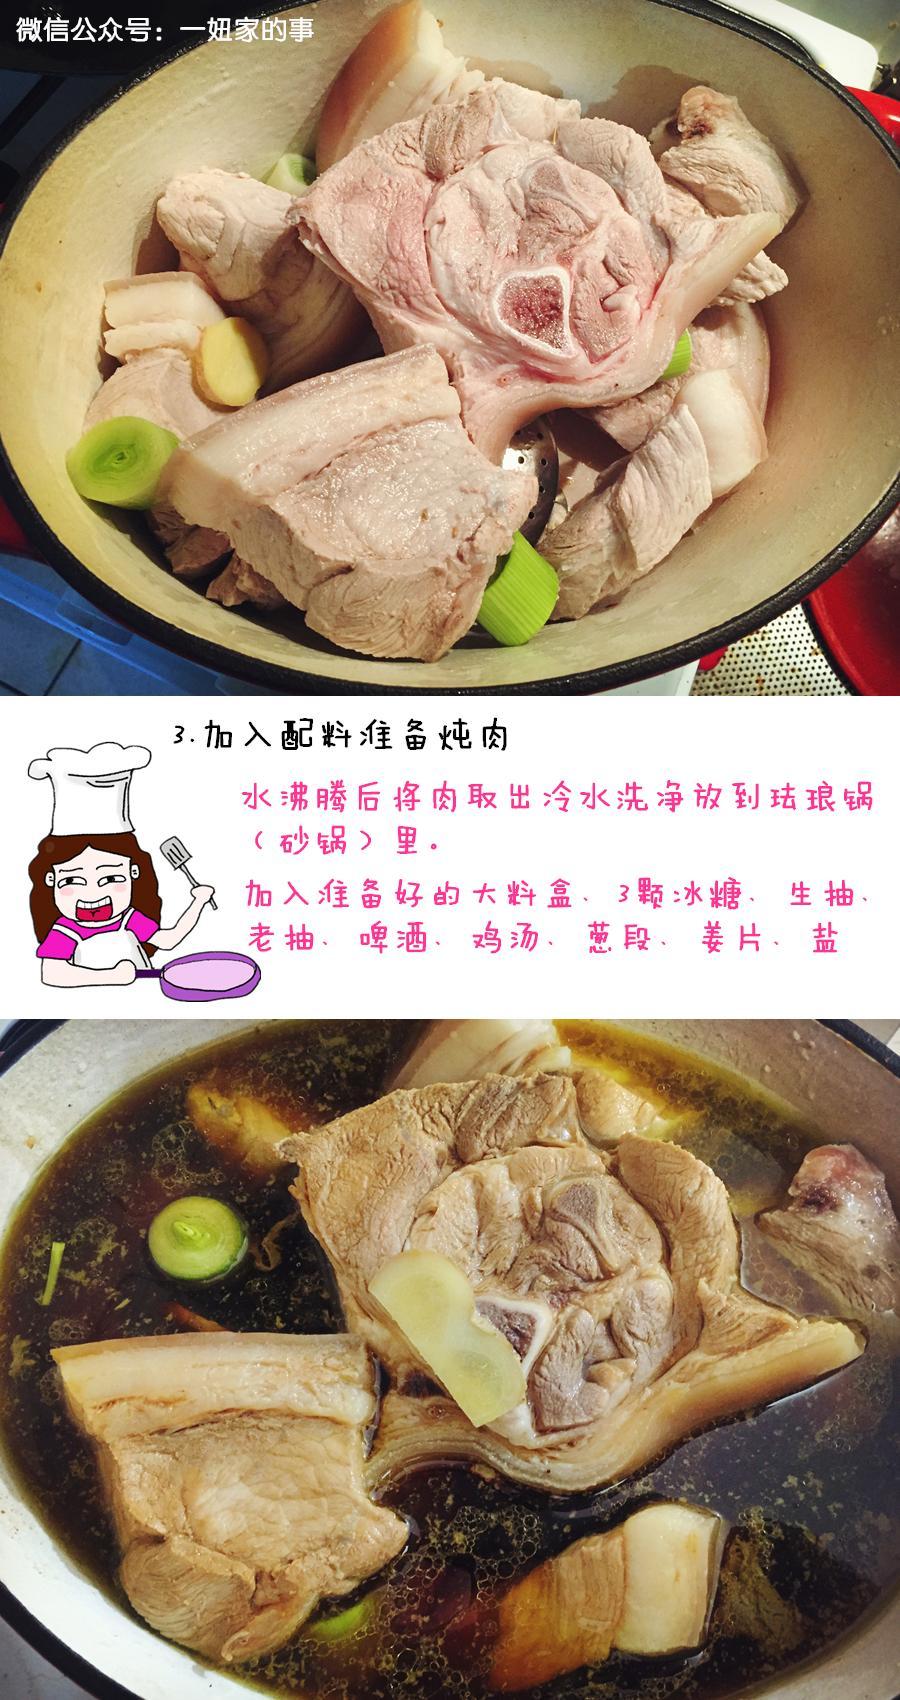 【一妈私房食谱】腊汁肉夹馍(家庭简易版)的做法